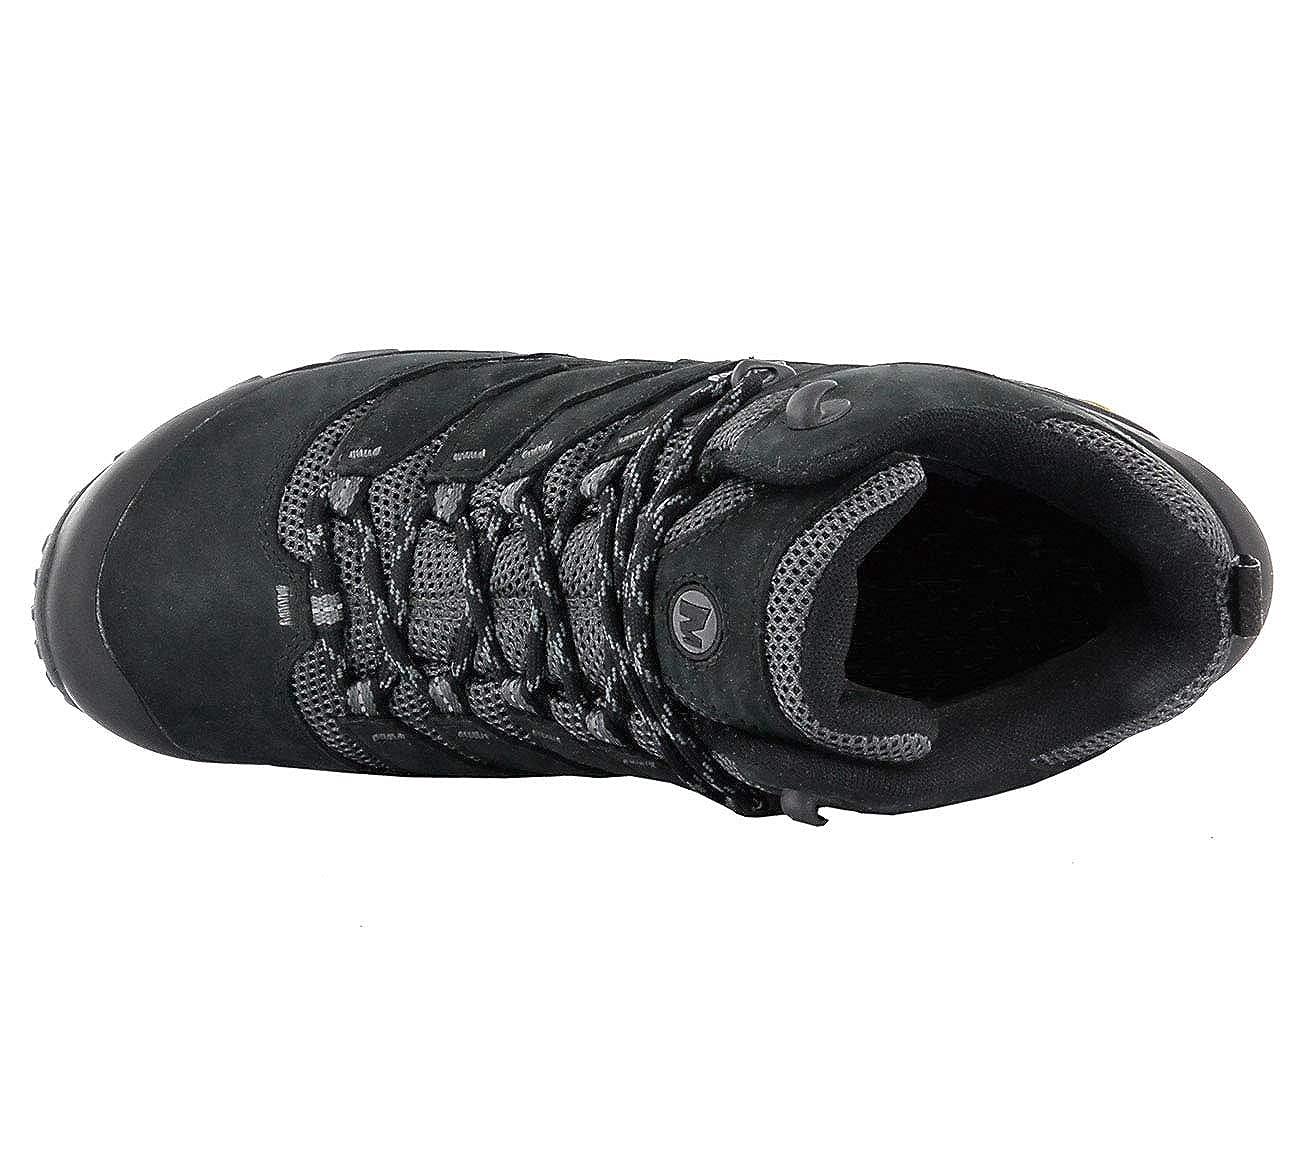 Merrell Chameleon 7 Mid Waterproof J12039 schwarz schwarz schwarz b27ab4